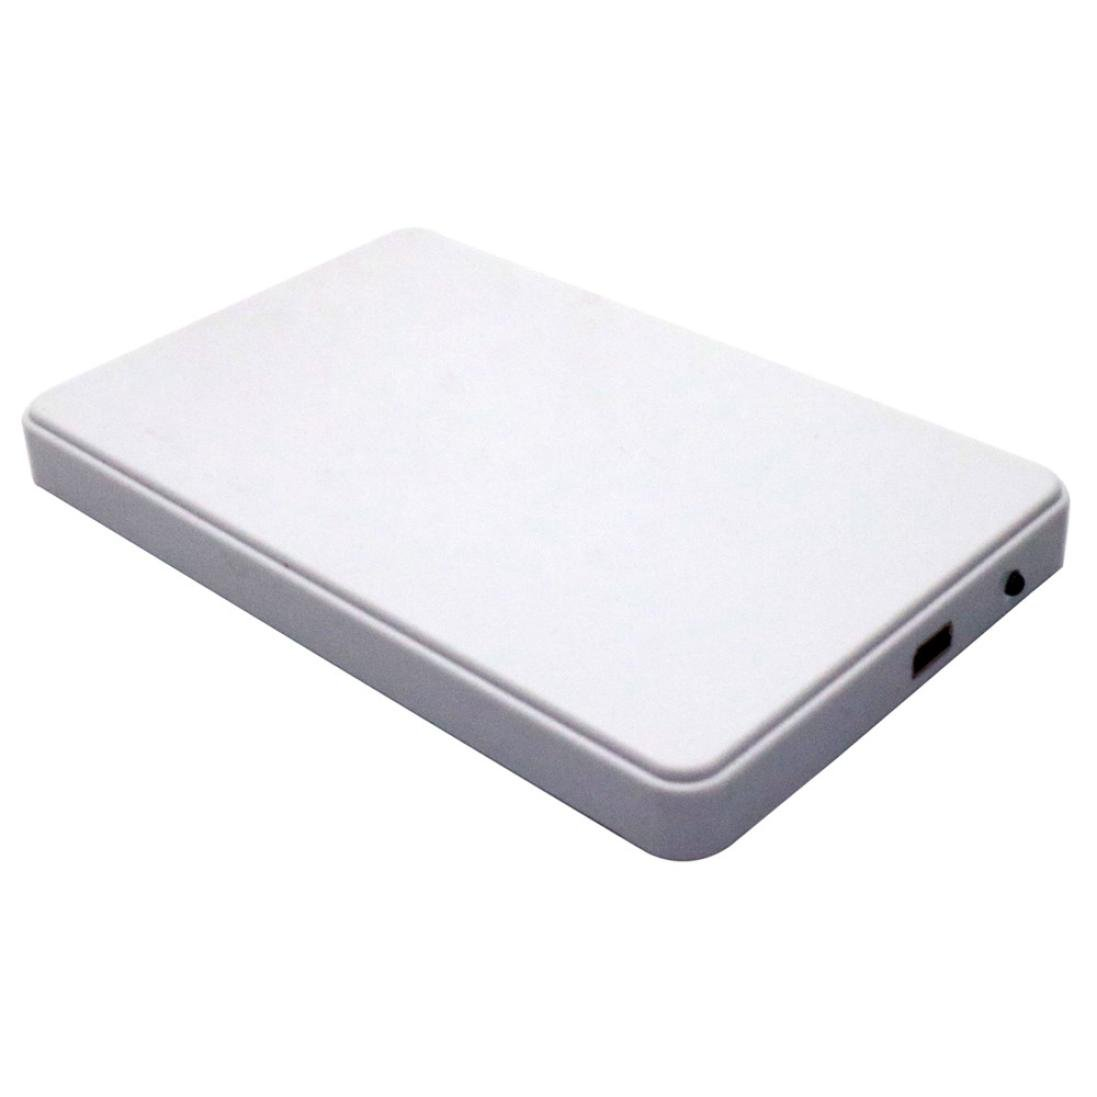 USB 3.0 3tb Hi - Speed外部ハードドライブポータブルデスクトップLEDモバイルハードディスクケース、FreshZone B076J51QLT ホワイト